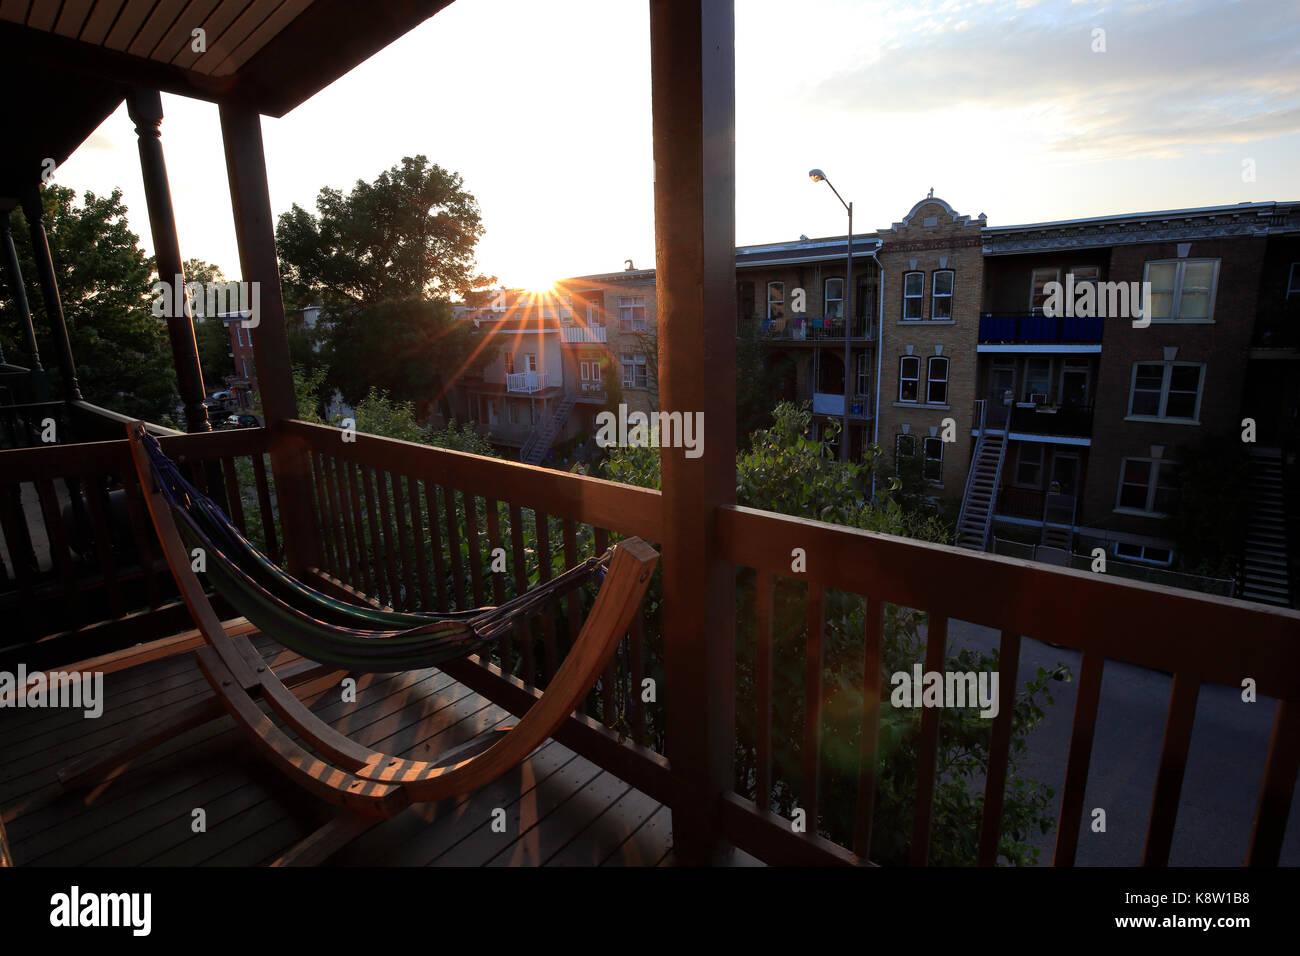 Hangematte Auf Dem Balkon Die Sonne Untergeht Stockfoto Bild